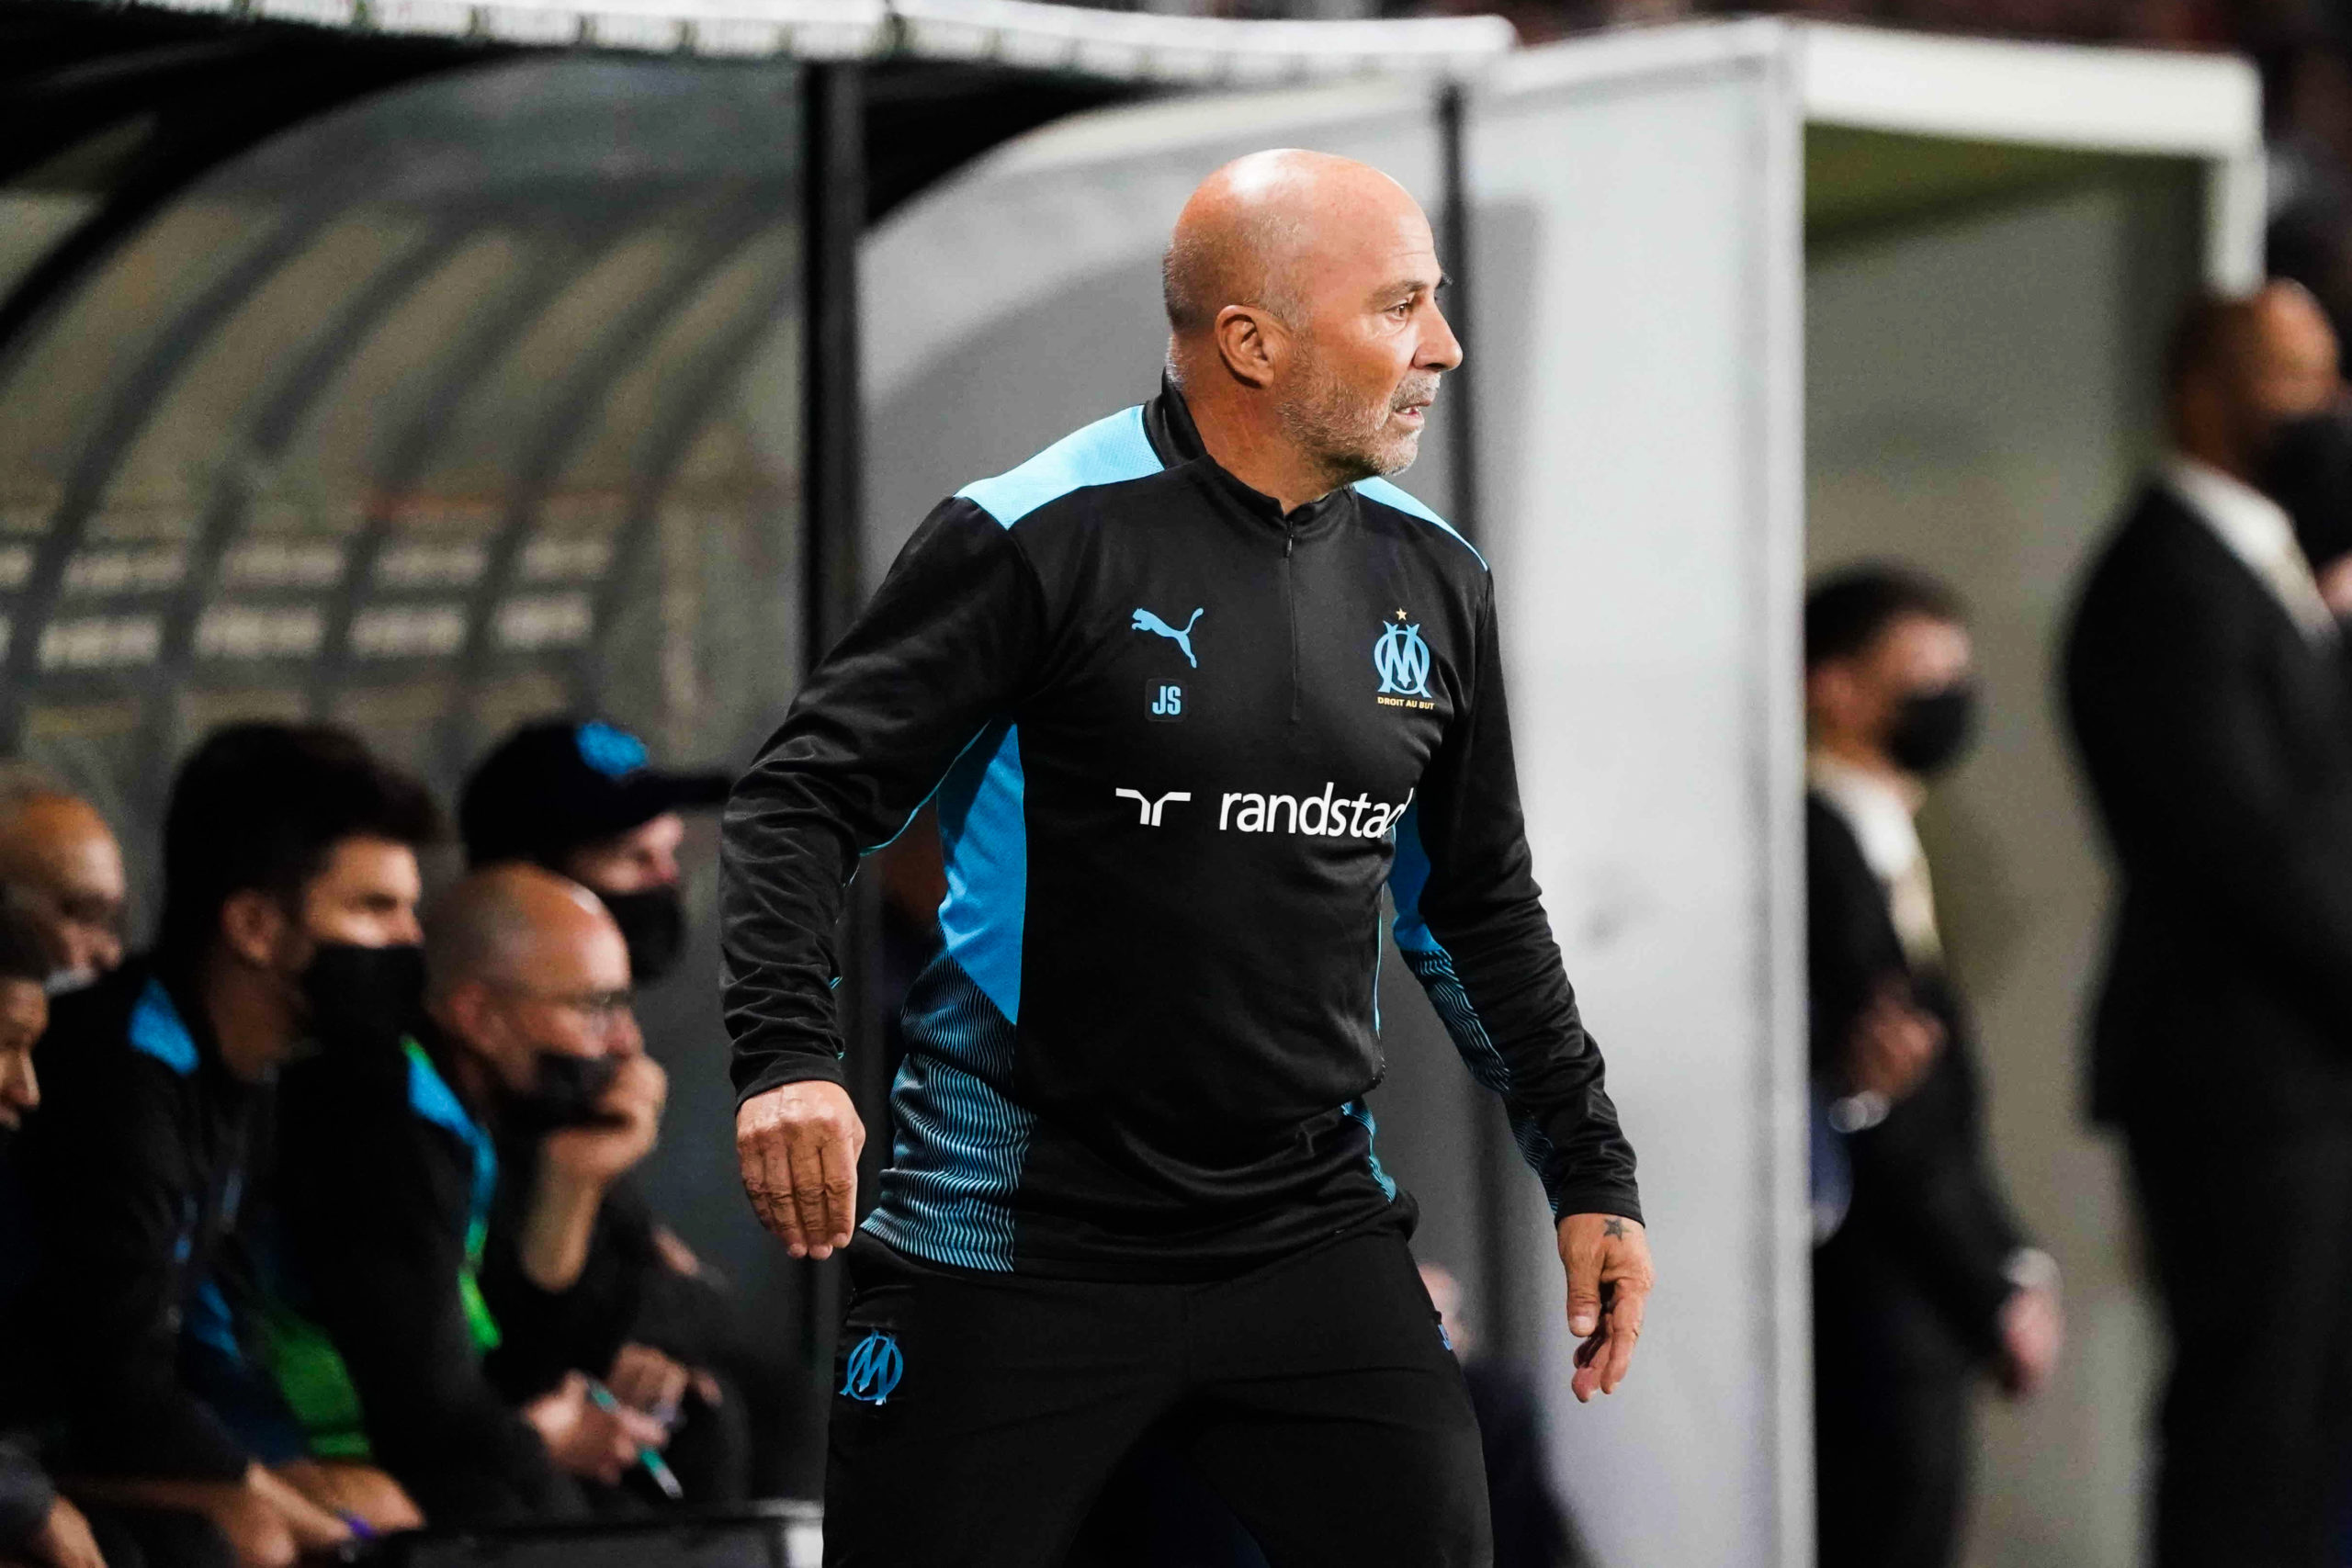 OM - Marseille ne tiendra pas physiquement, Riolo défend Sampaoli